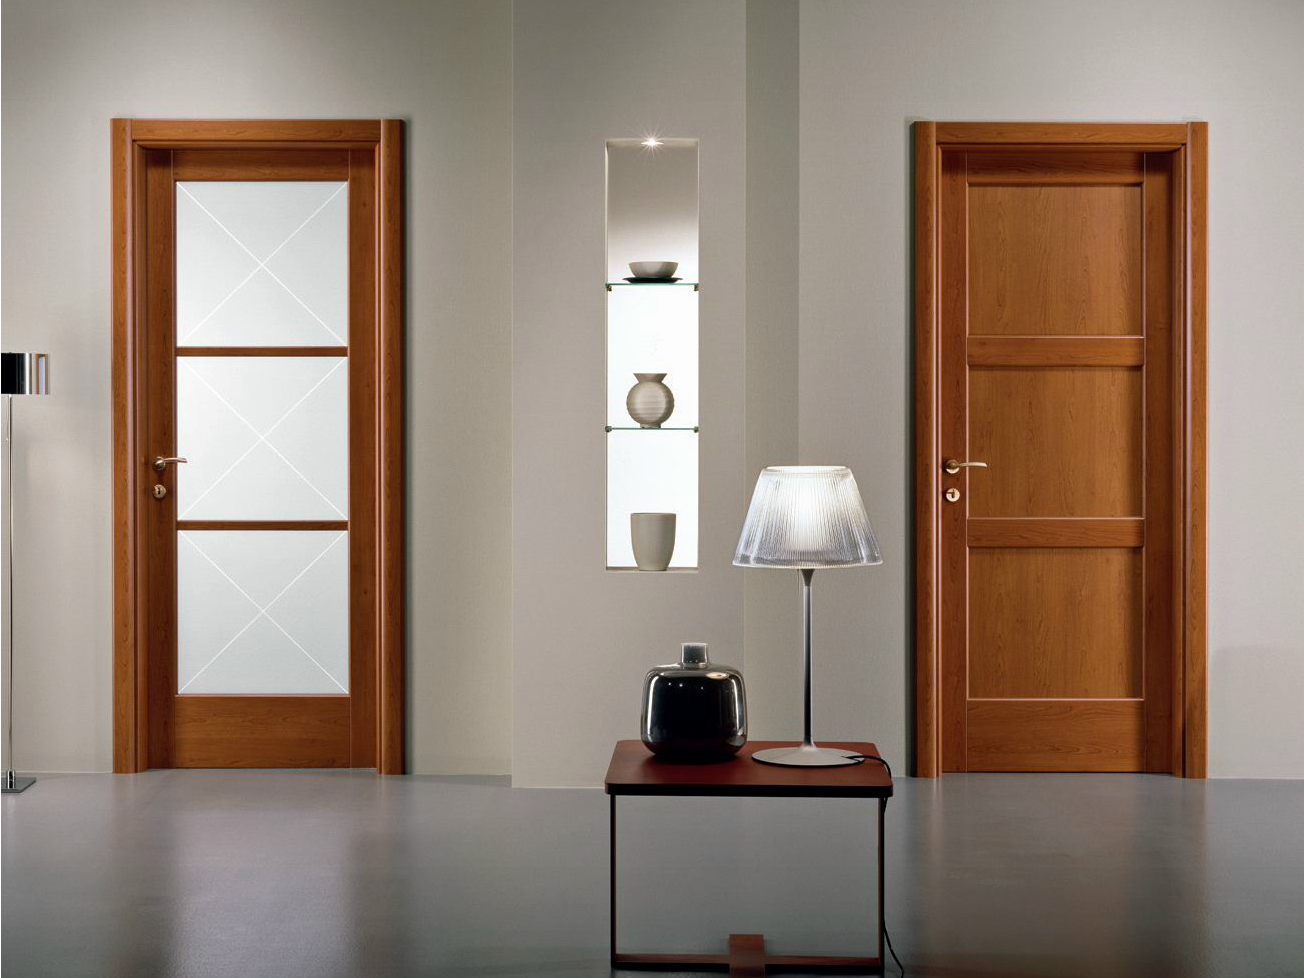 Xosia puerta de vidrio esmerilado by gidea - Puertas de cristal para interiores ...